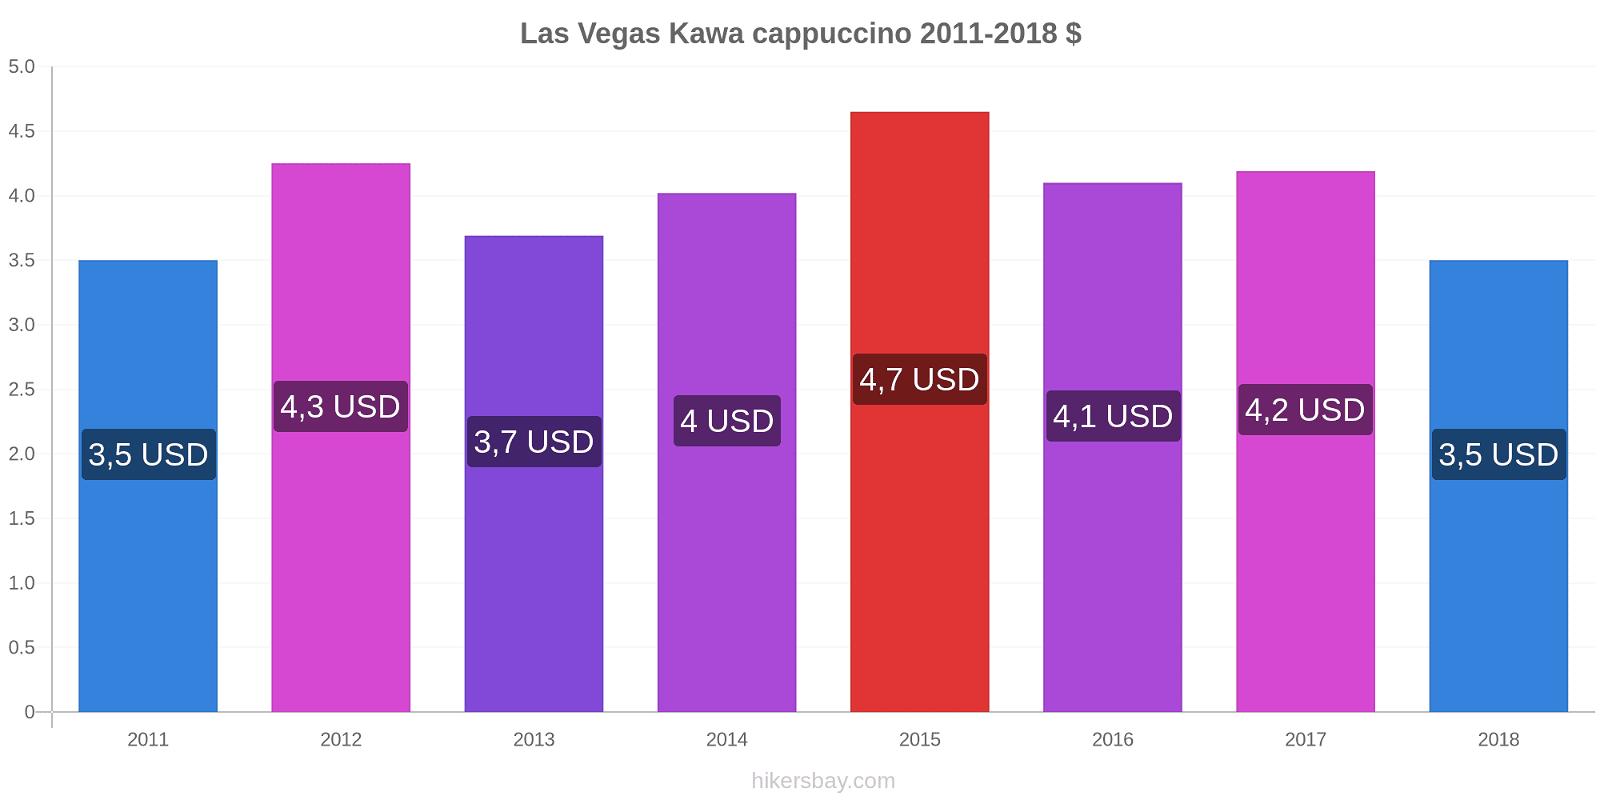 Las Vegas zmiany cen Kawa cappuccino hikersbay.com